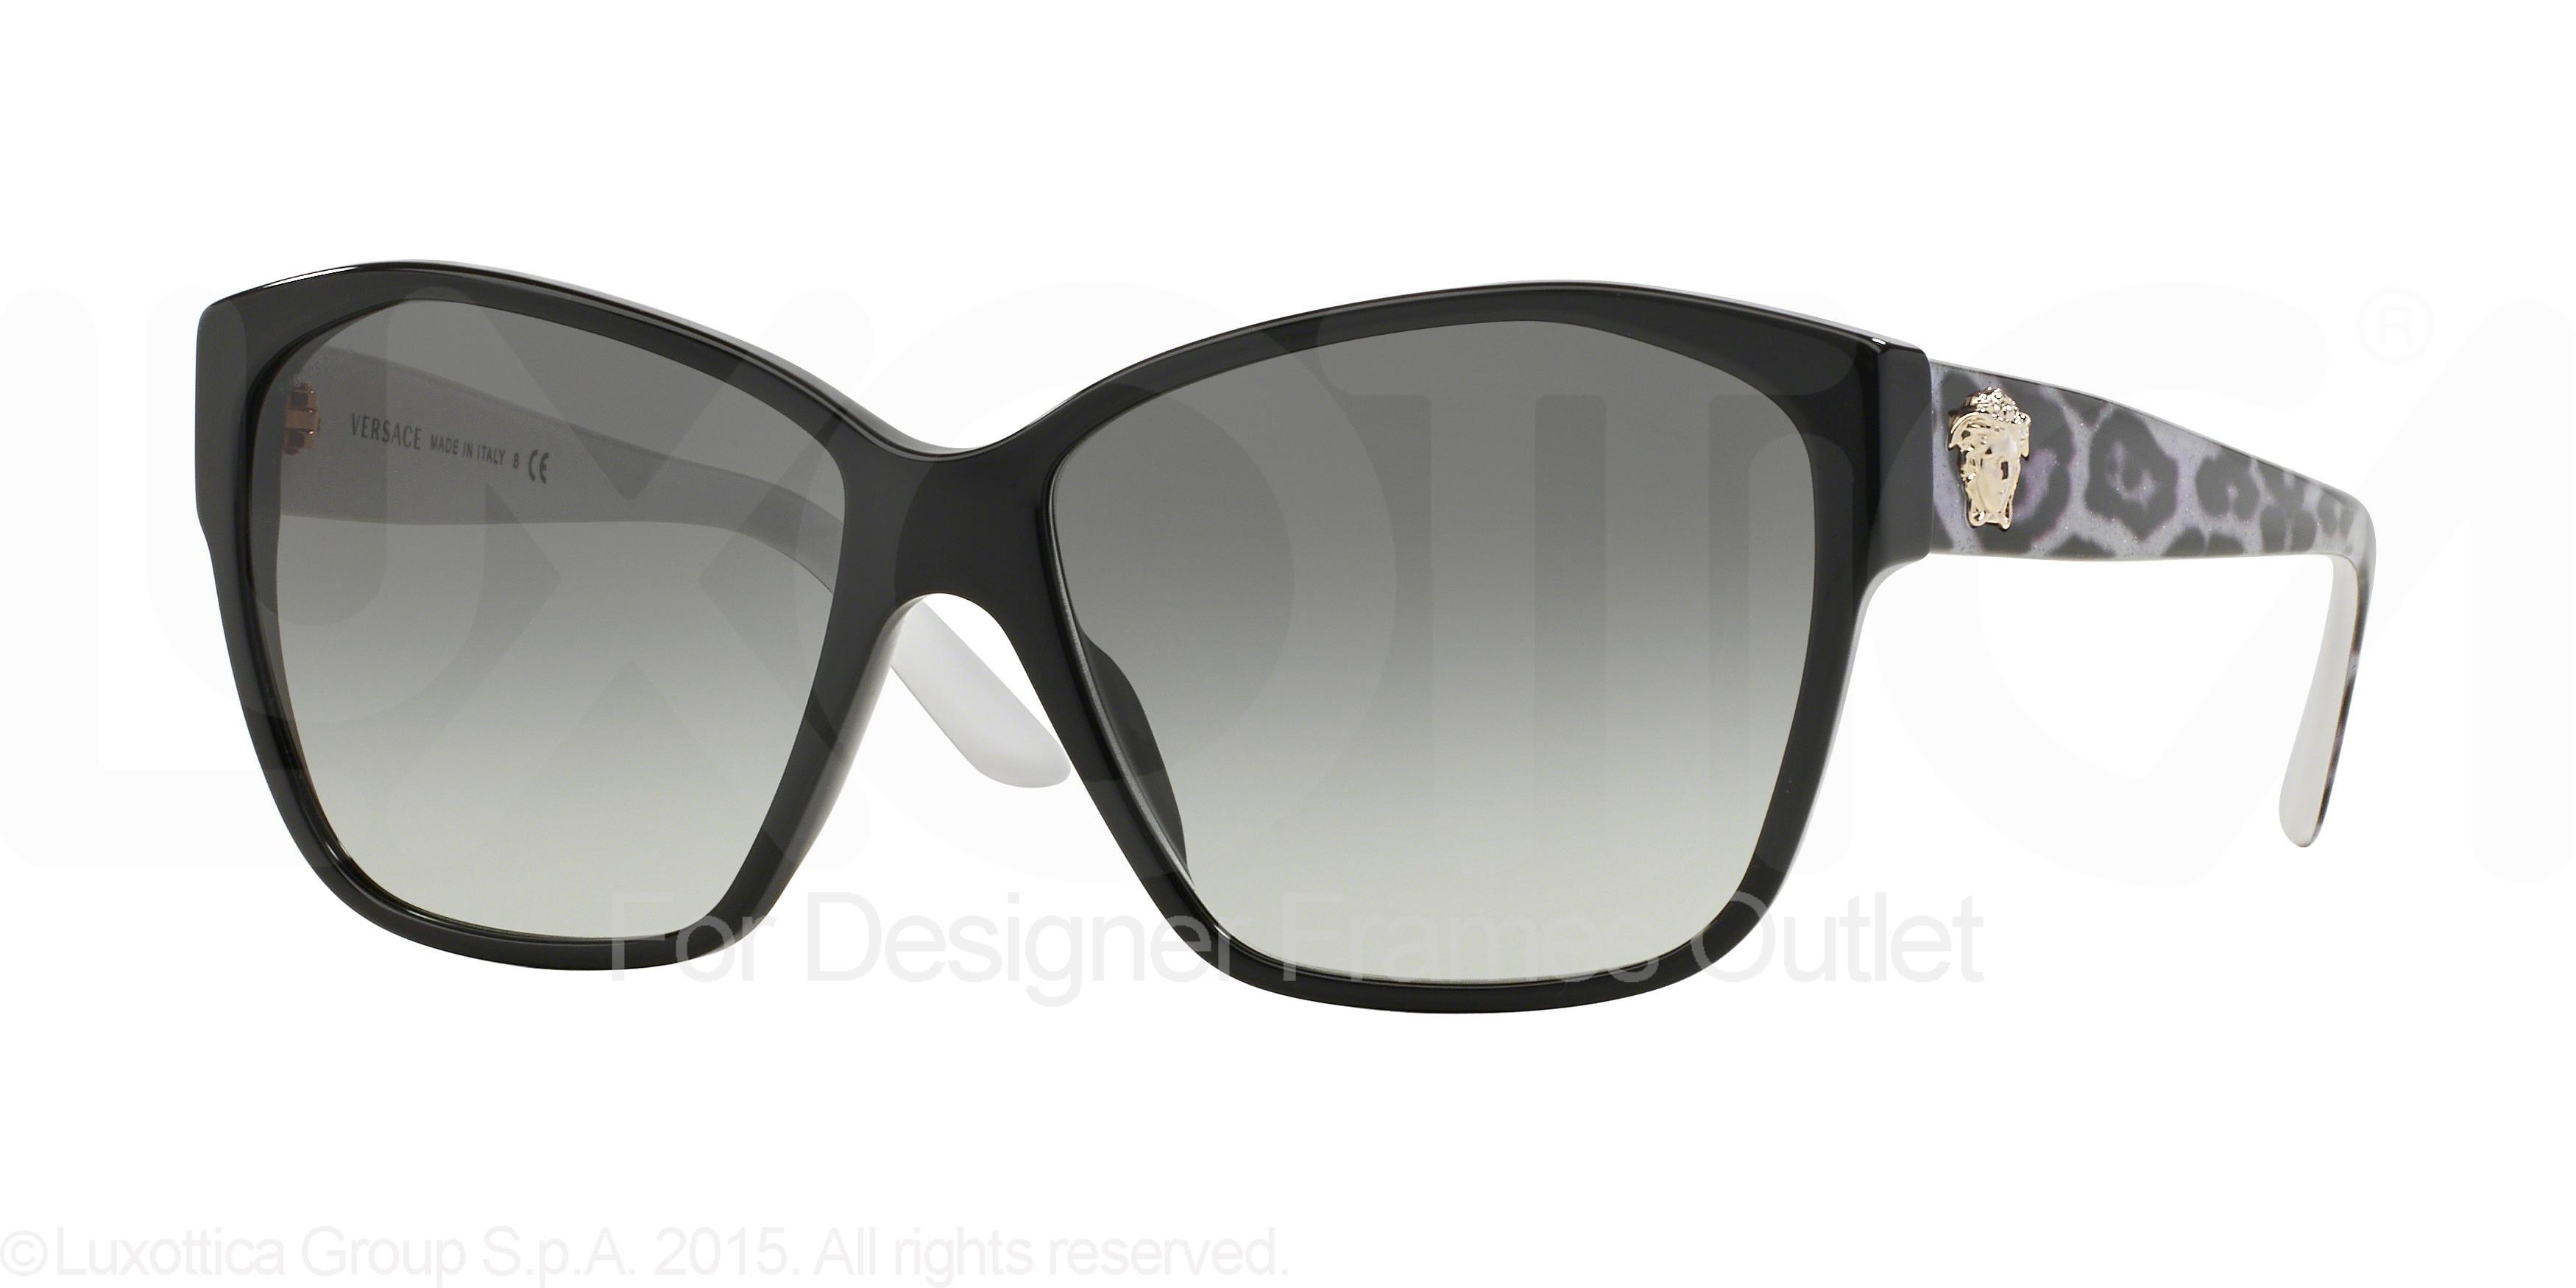 693e4668575c Versace Eyewear Warranty